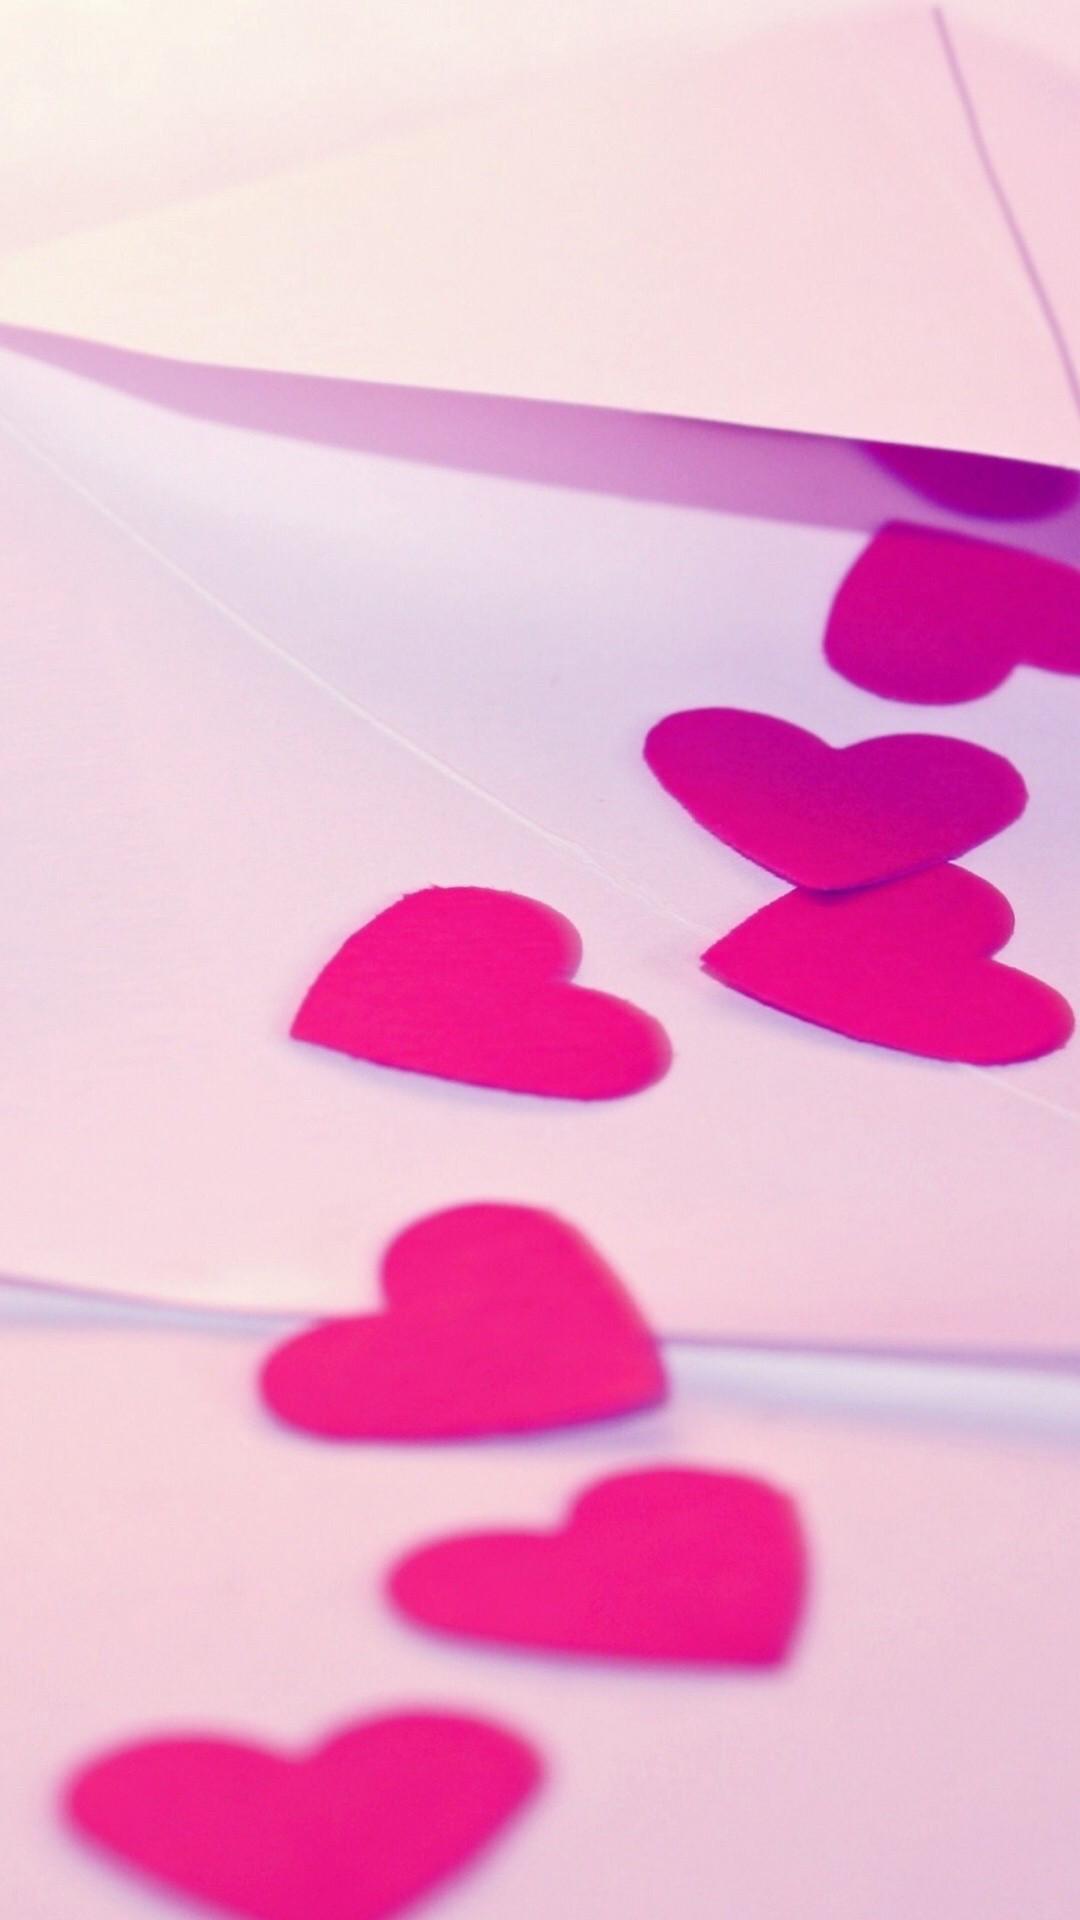 Top 12 Love Wallpaper iphone 6 Plus